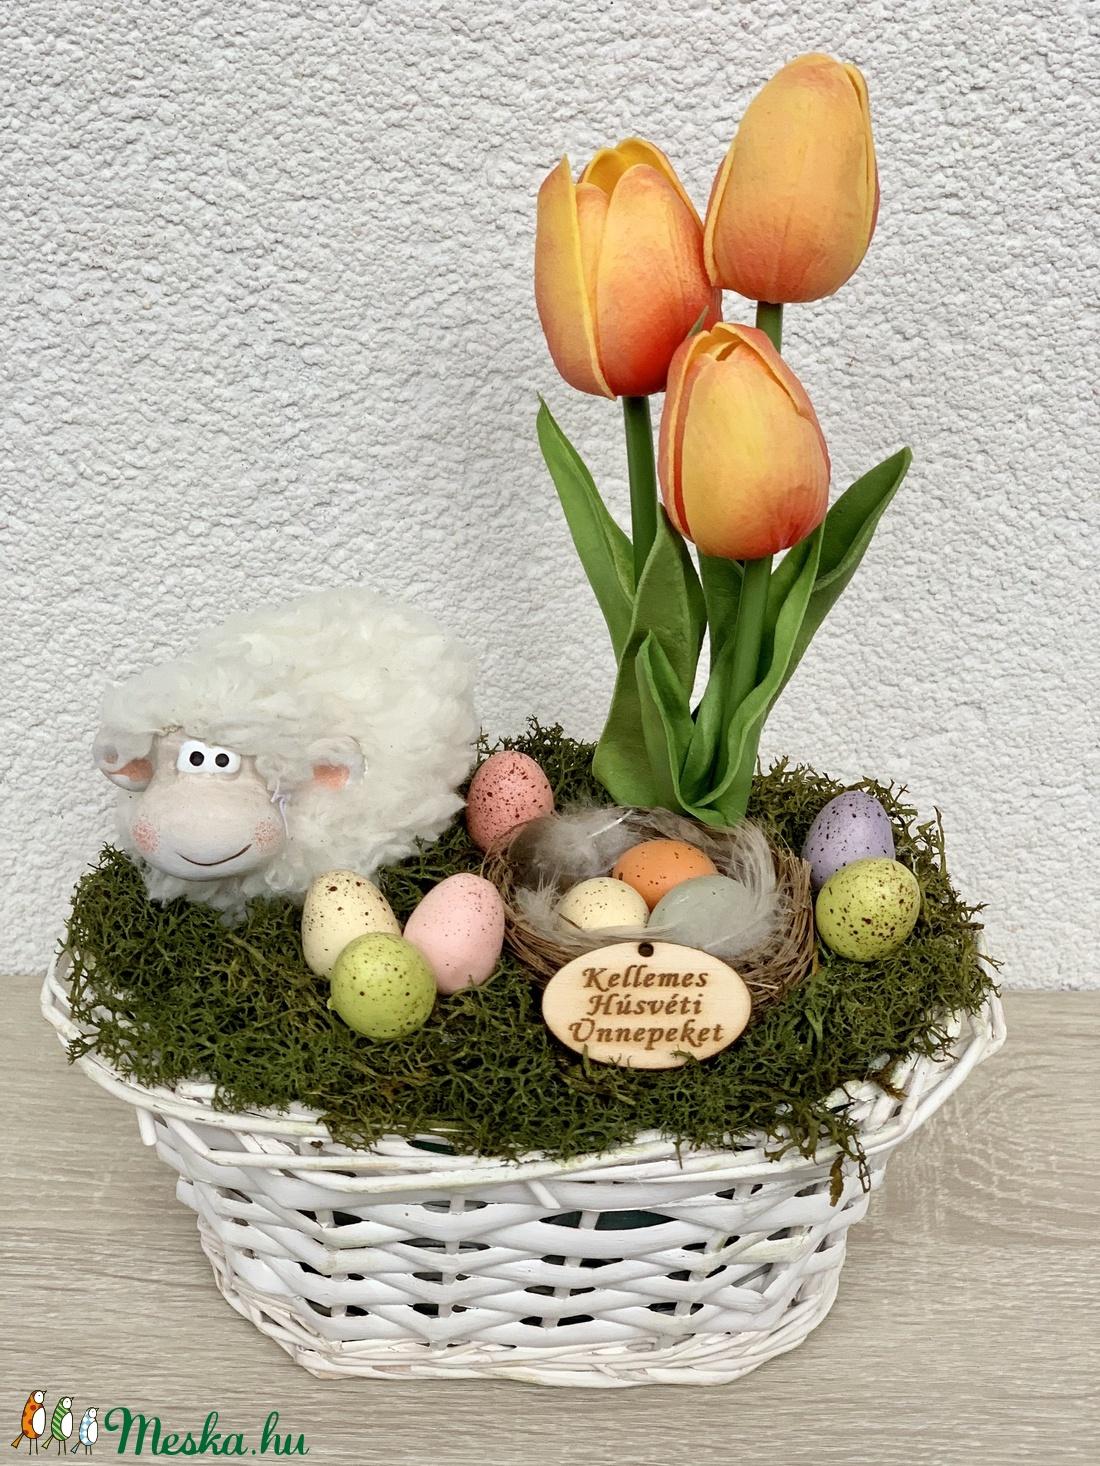 Húsvéti bari élethű tulipánokkal - asztaldísz, dekoráció (AKezmuvescsodak) - Meska.hu